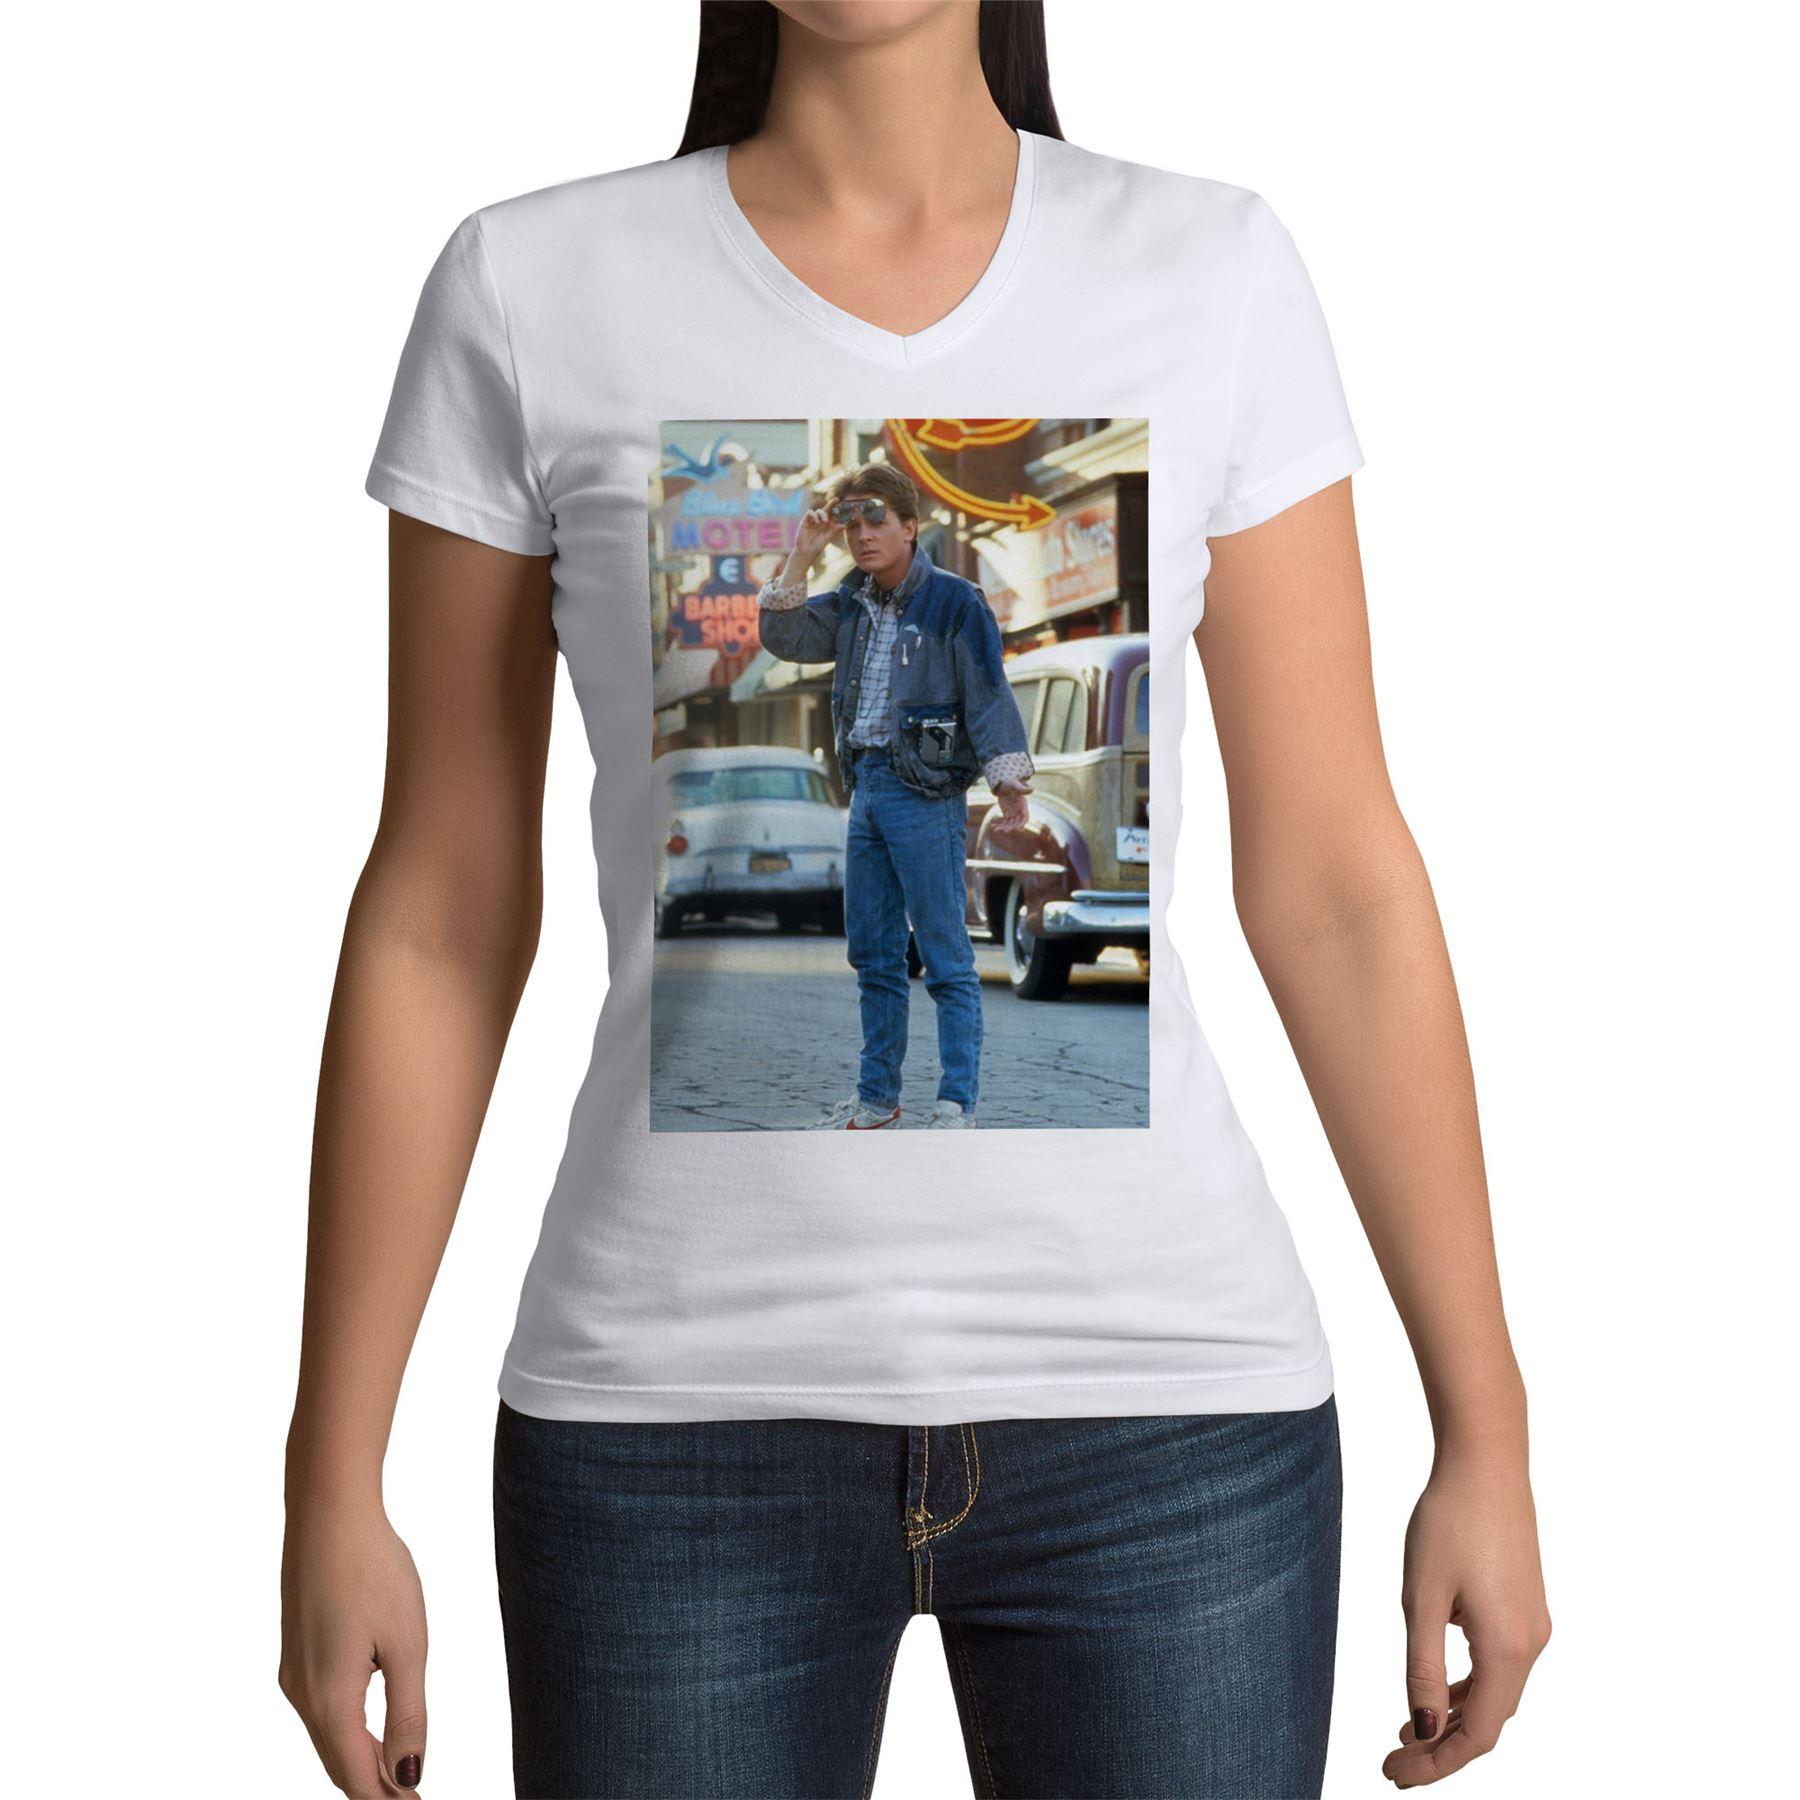 Okiwoki T-Shirt Femme Noir DBZ et Retour vers Le Futur parodique Trunks Retour vers Le Futur du Futur. Parodie DBZ et Retour vers Le Futur Marty MacFly et Doc Brown